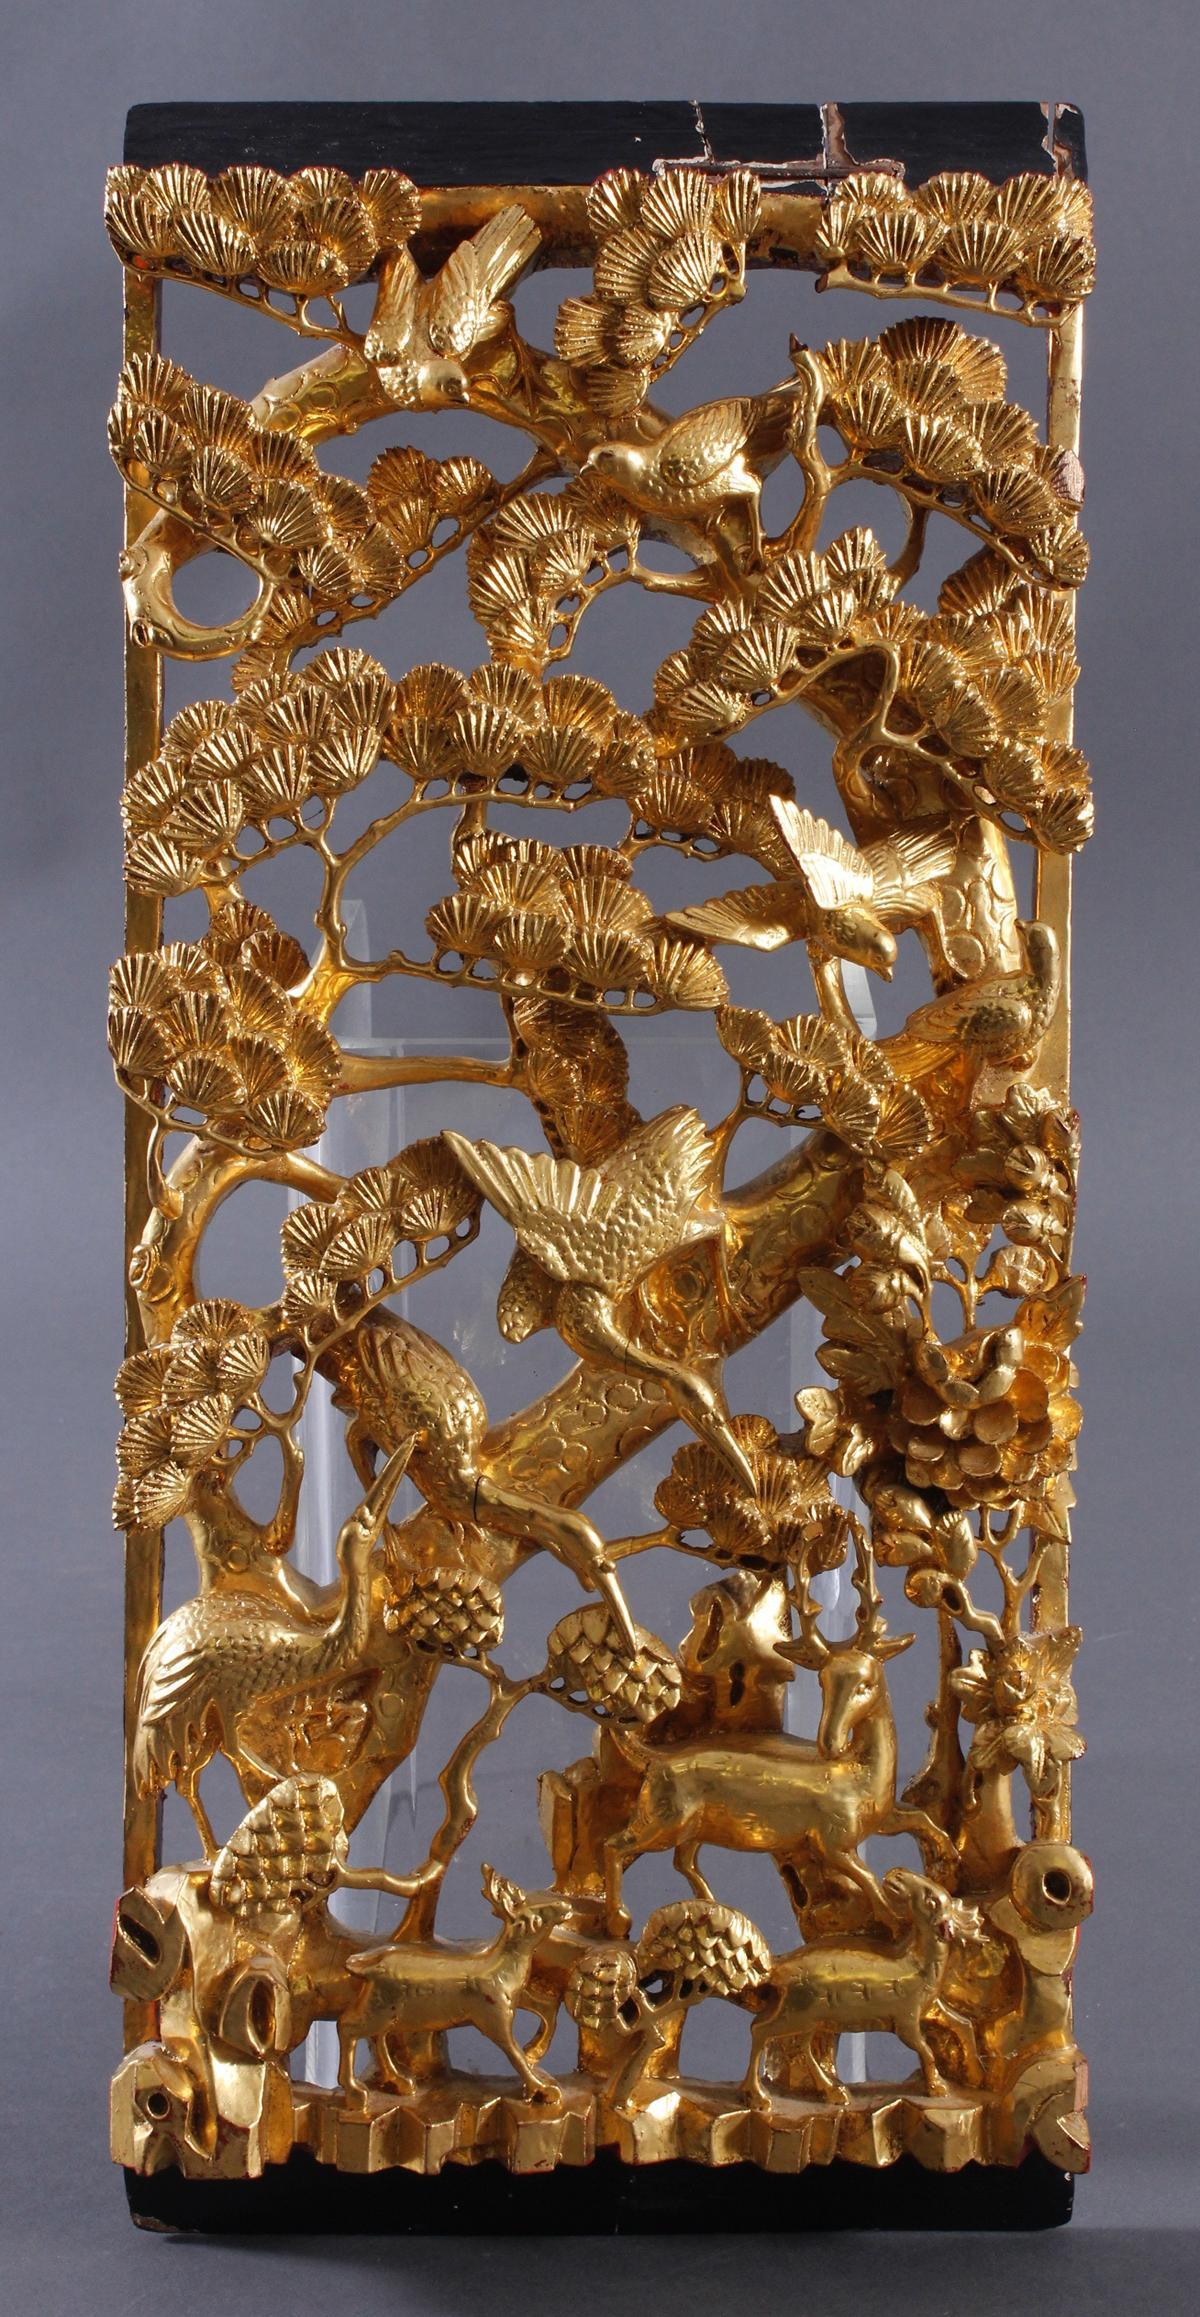 Holzgeschnitztes chinesisches Relief um 1900